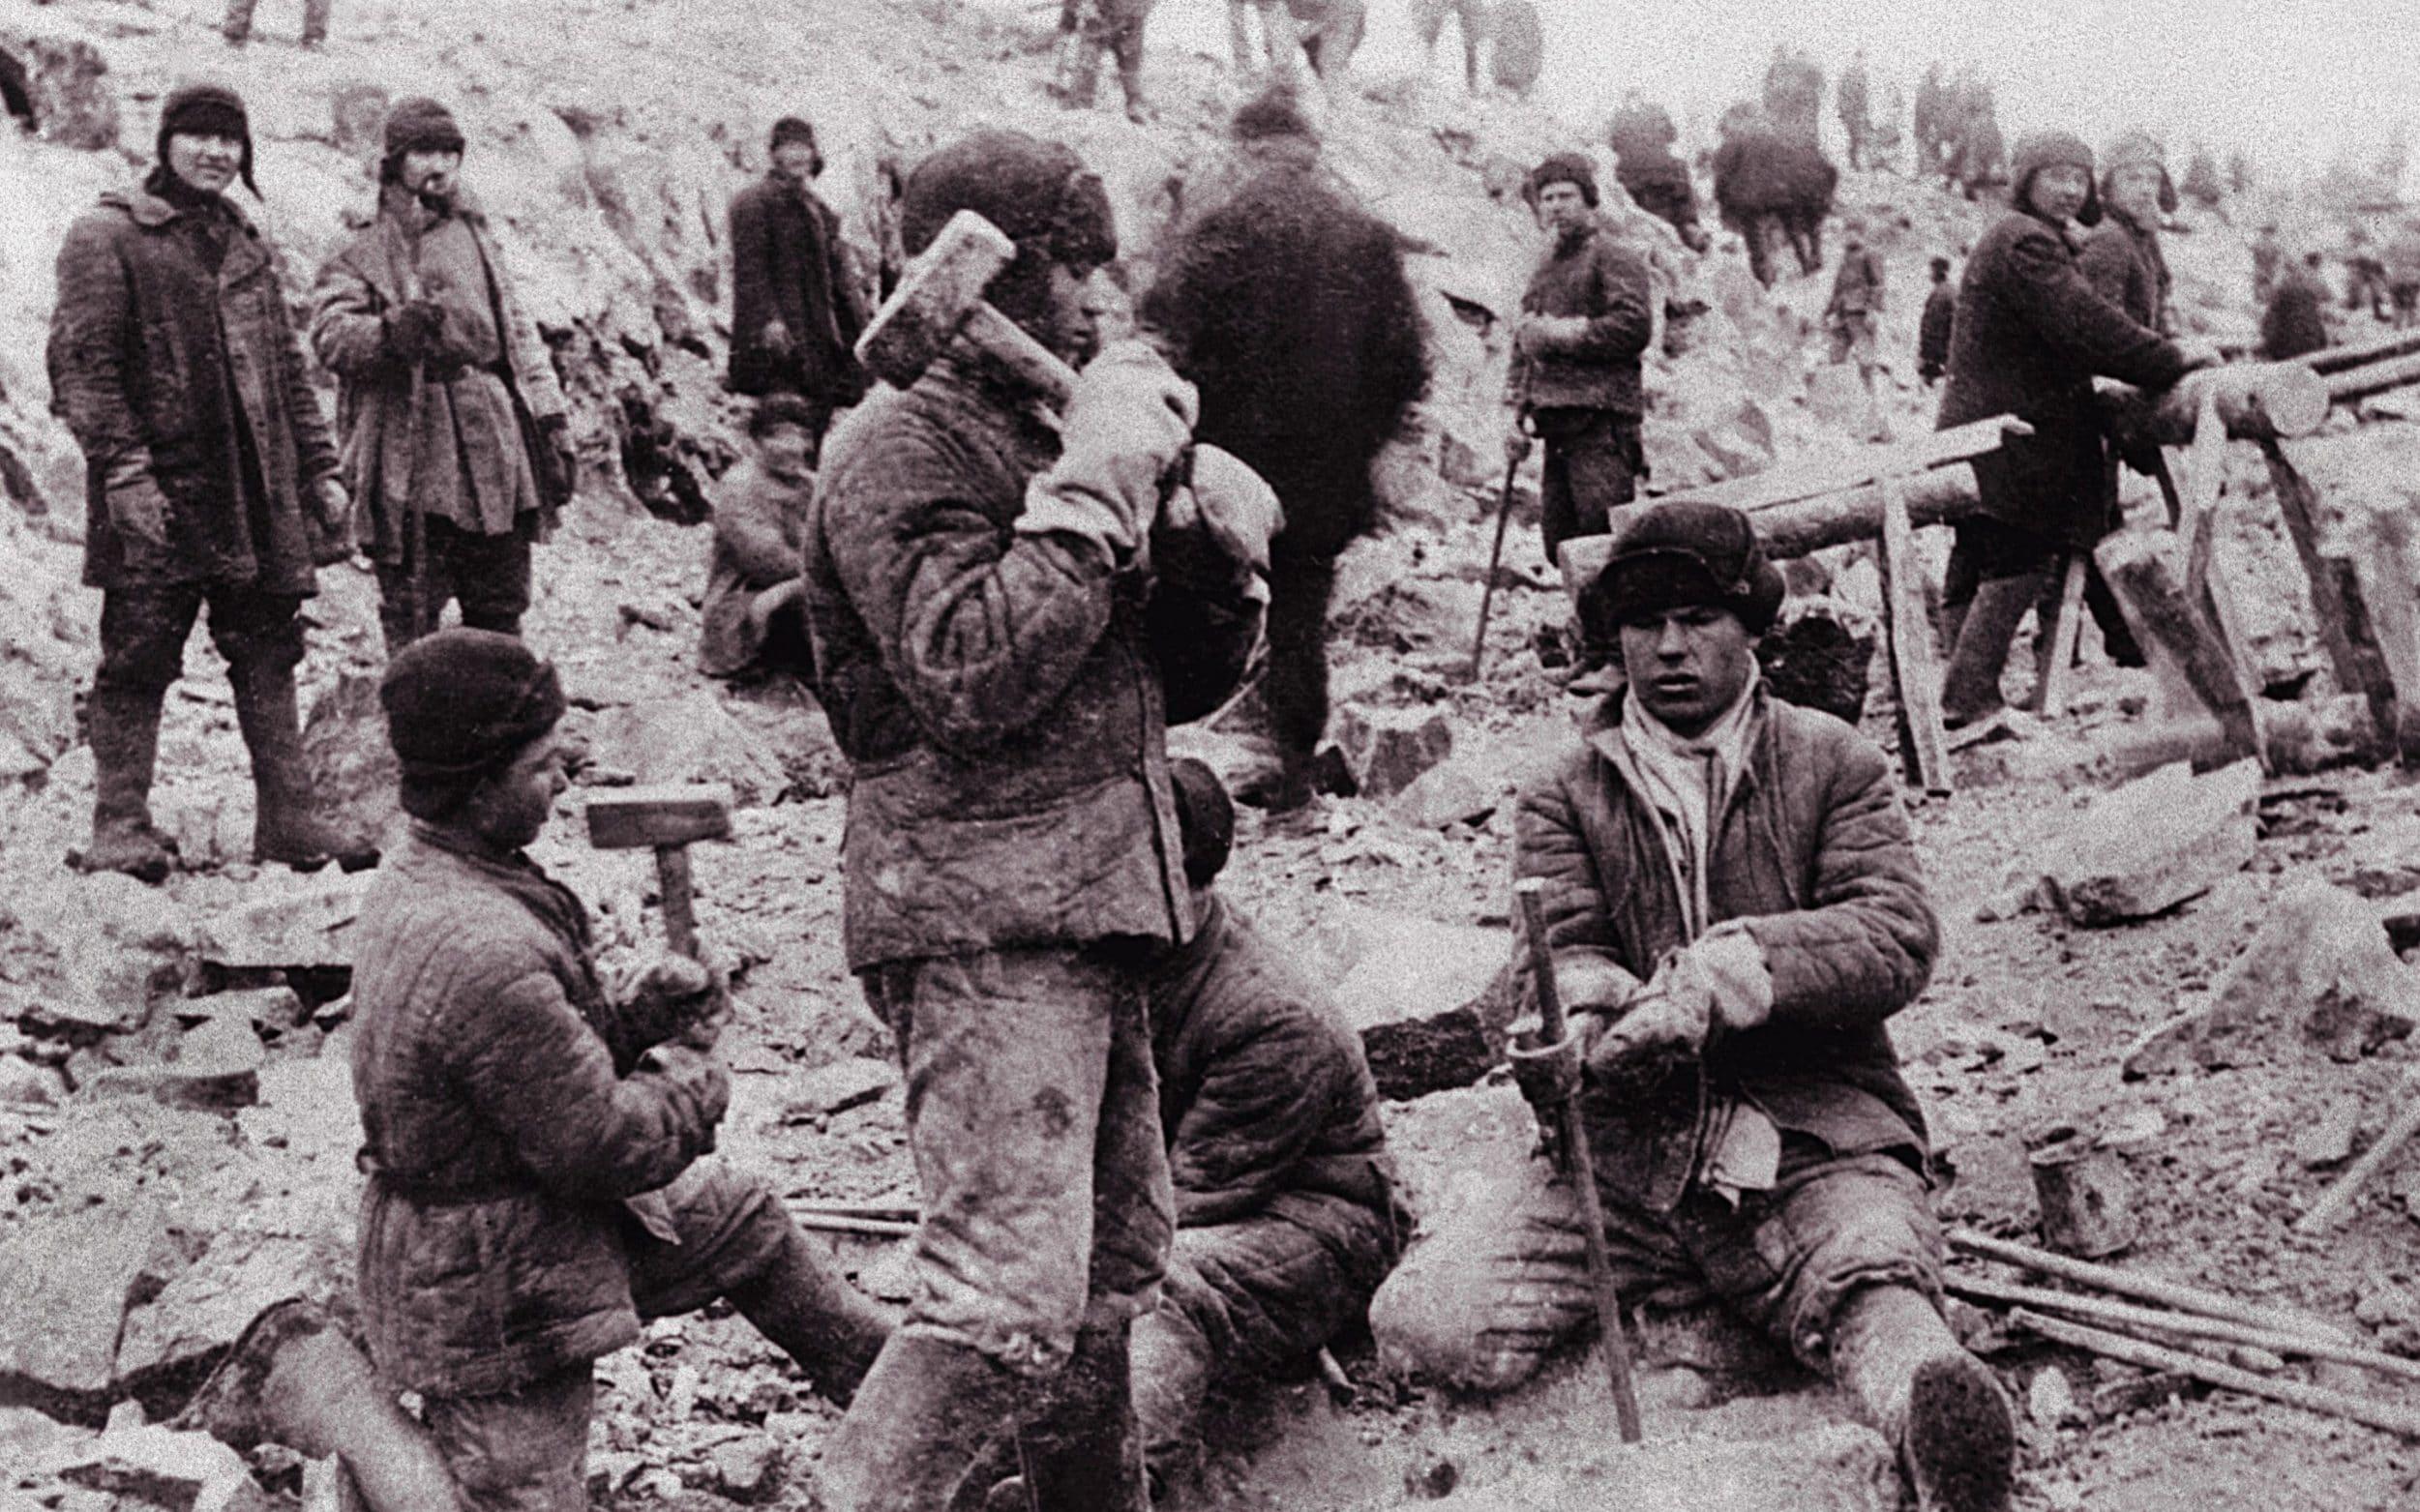 صورة لعدد من المعتقلين بالغولاع السوفيتي